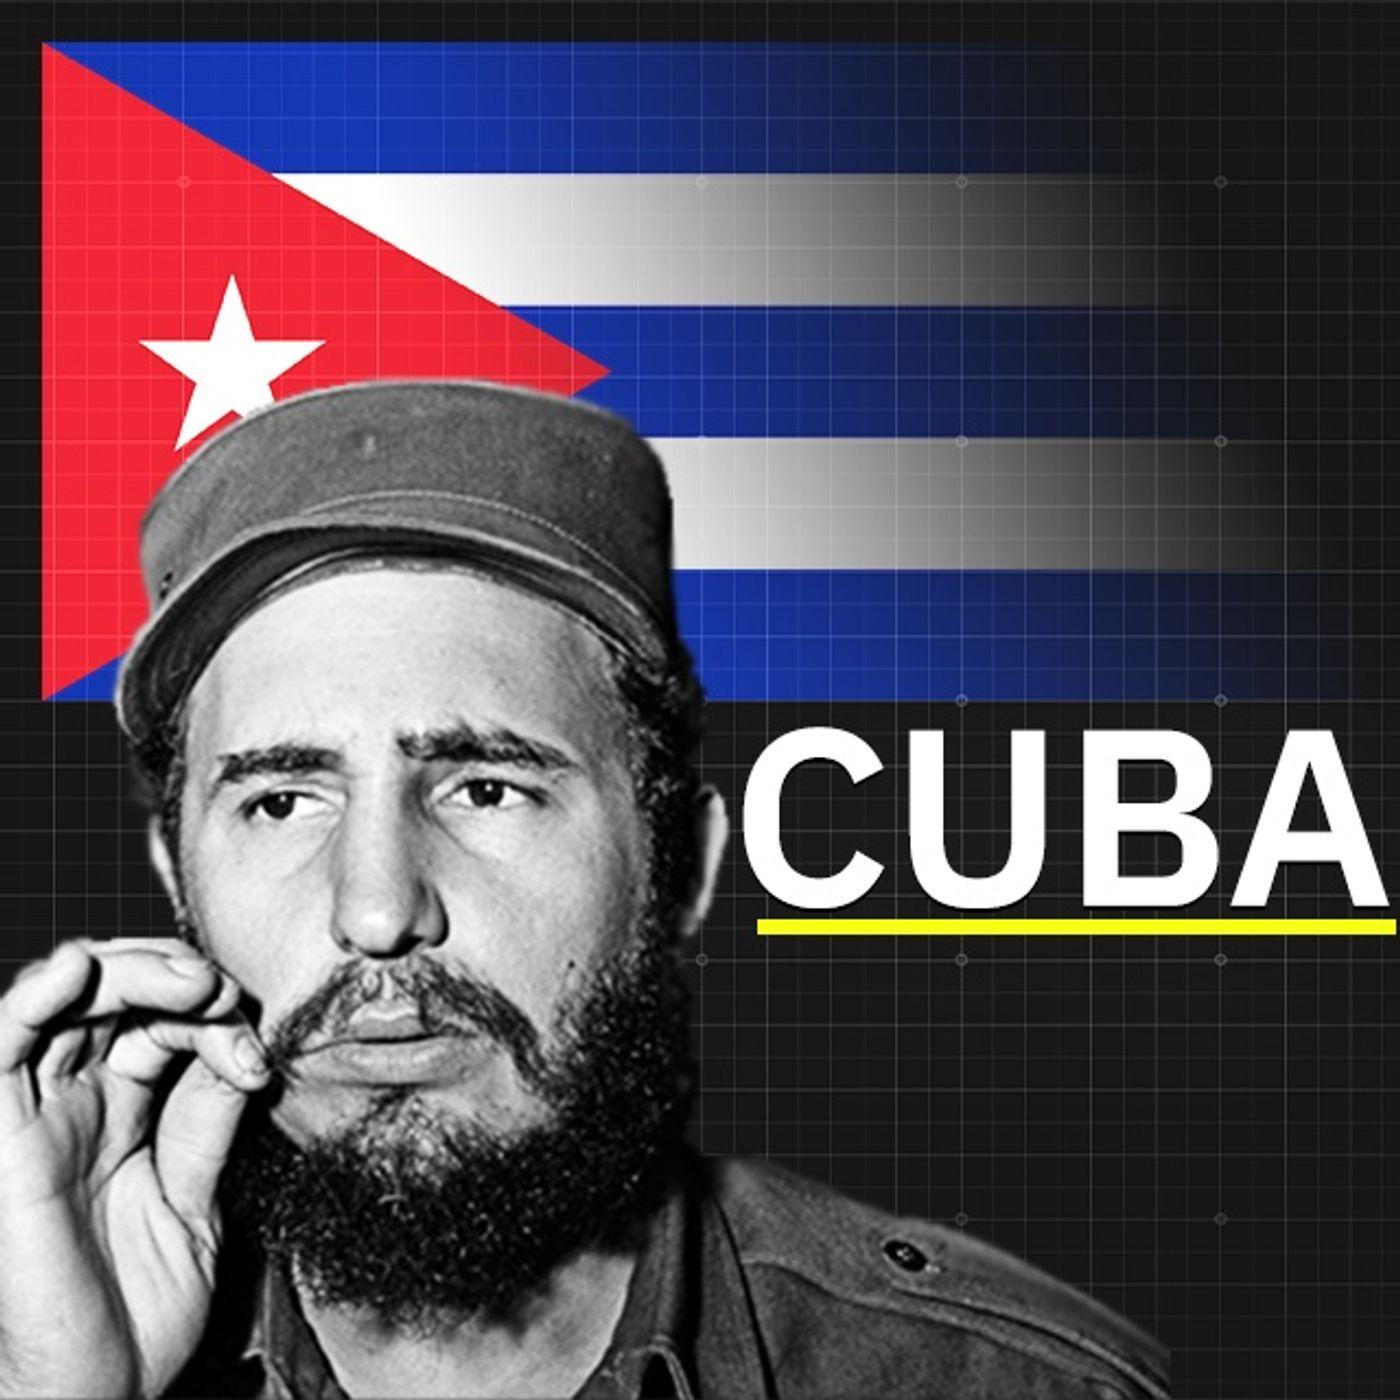 Storia di Cuba: dall'Indipendenza alla morte di Fidel Castro